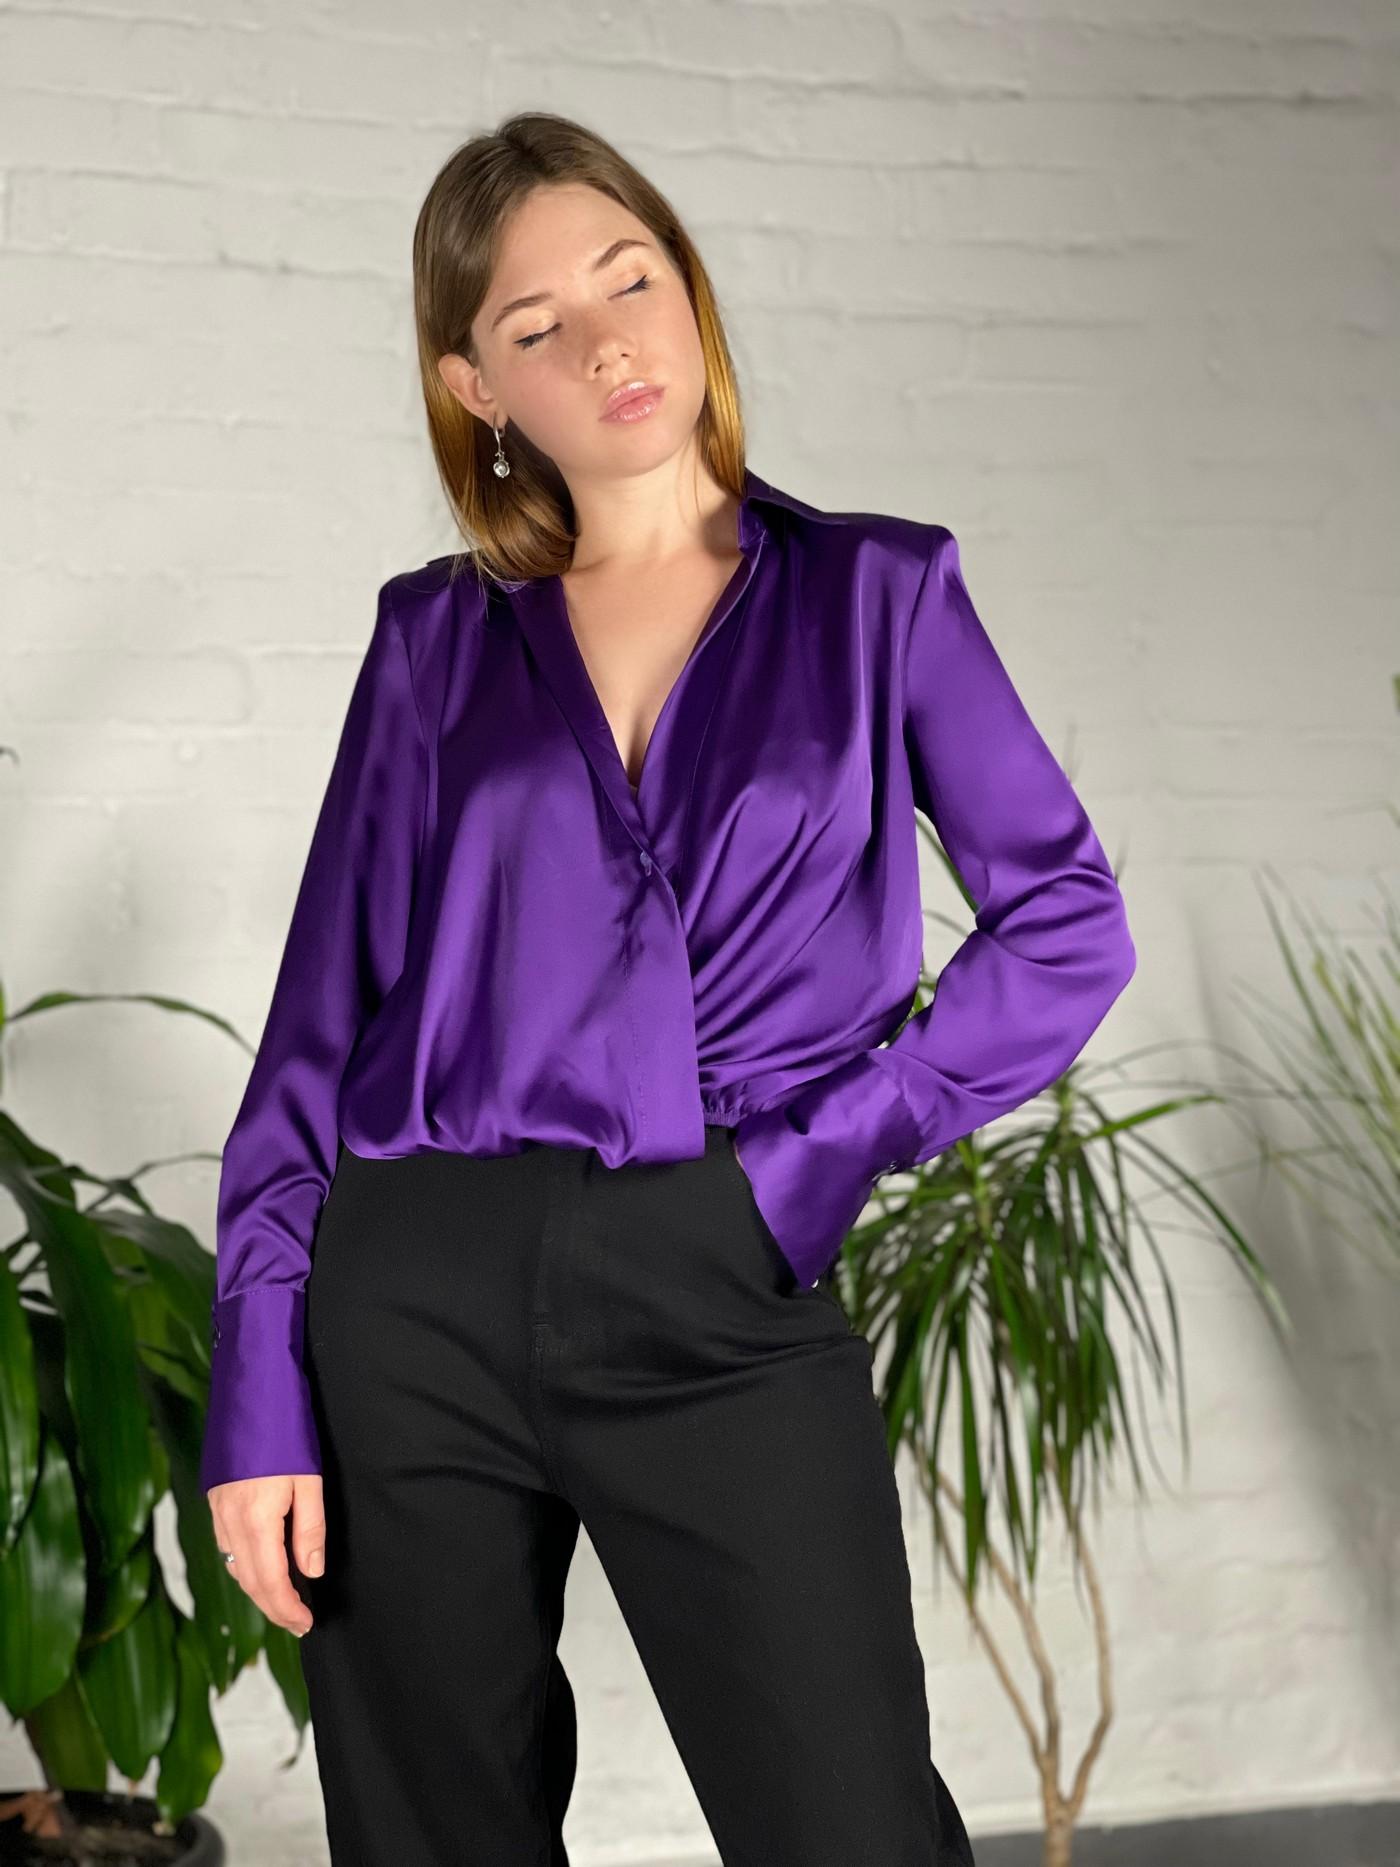 Атласна блуза Vicolo. Ми впевнені, Ви будете в захвоті.